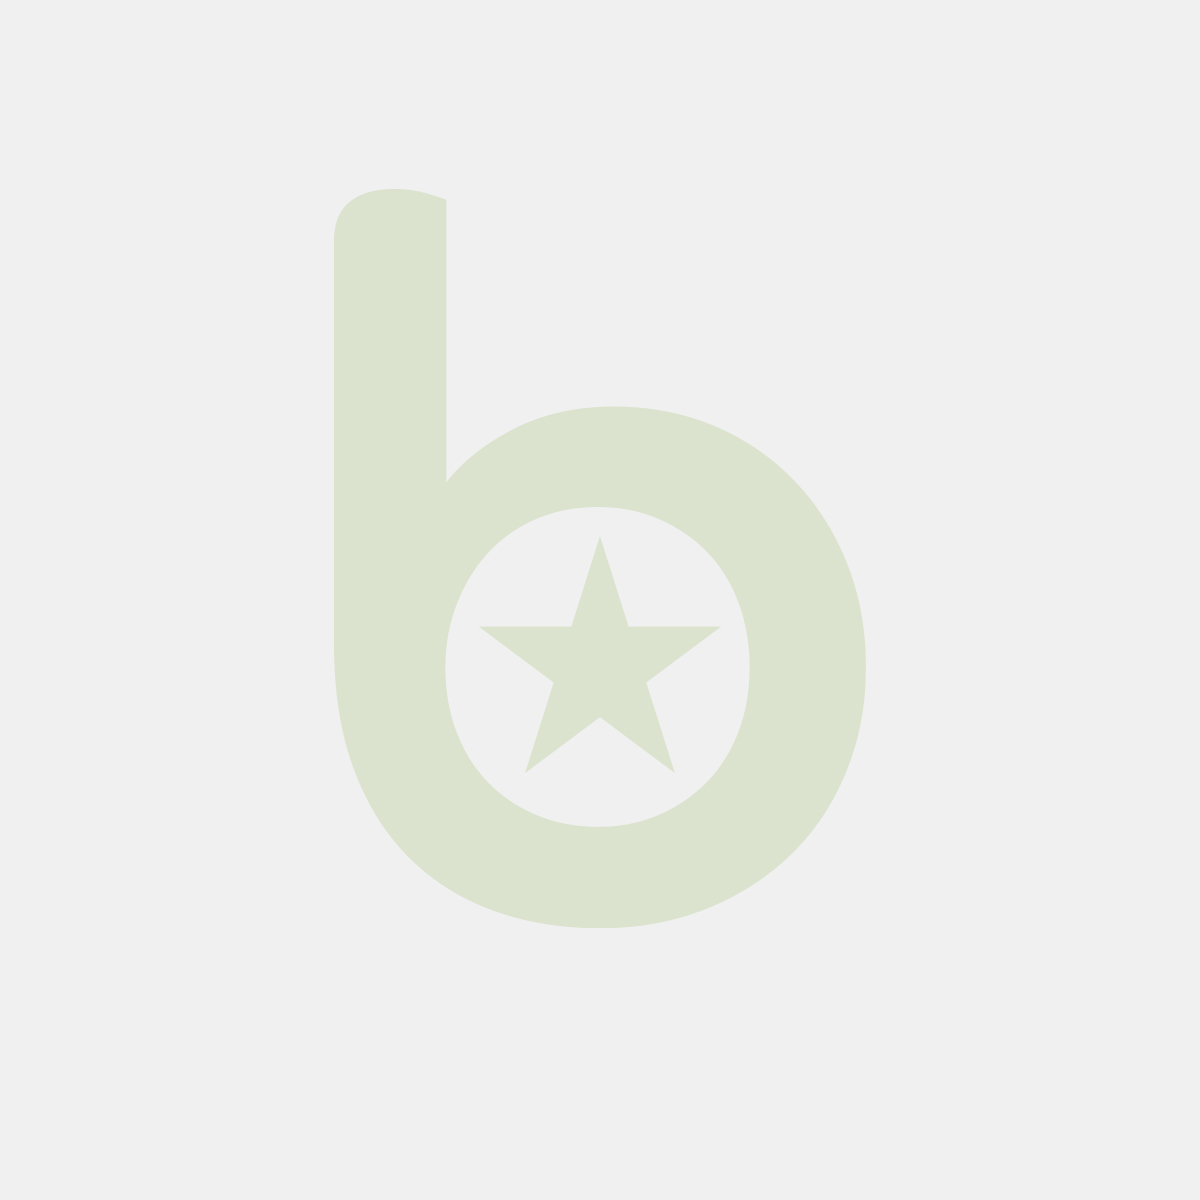 Papier toaletowy JUMBO BaVillo Standrd+ BIG ROLA celuloza 2 warstwy, opakowanie 6 rolek